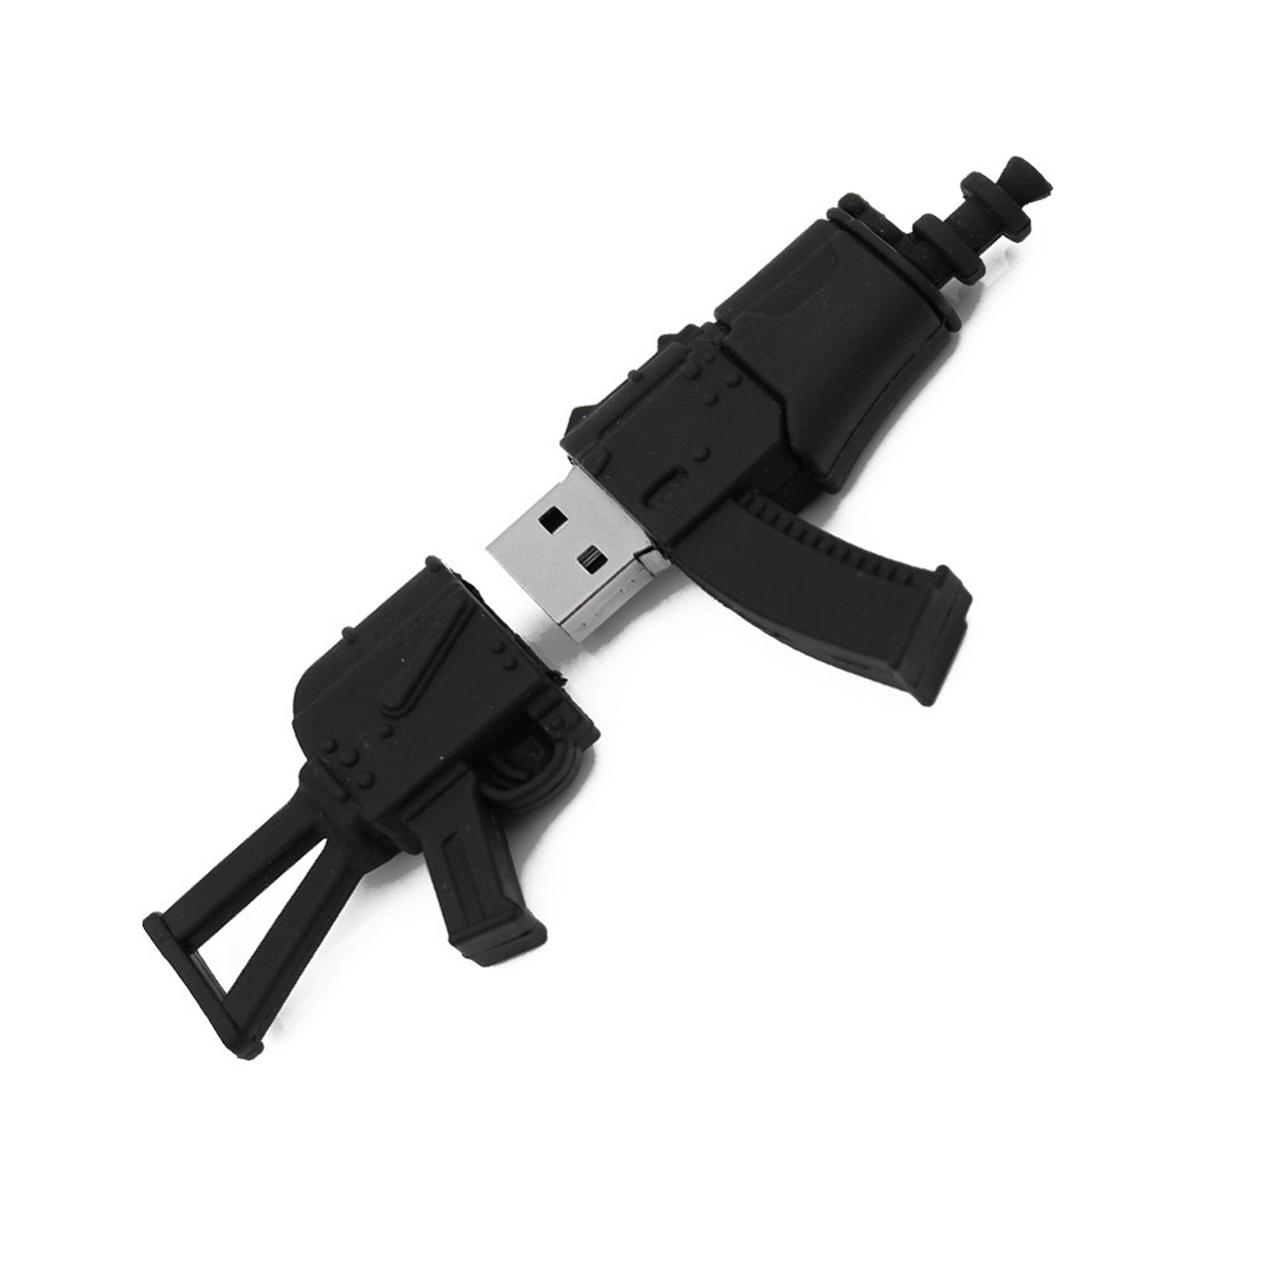 بررسی و {خرید با تخفیف}                                     فلش مموری طرح اسلحه مدل UL-Weapons01 ظرفیت 32 گیگابایت                             اصل